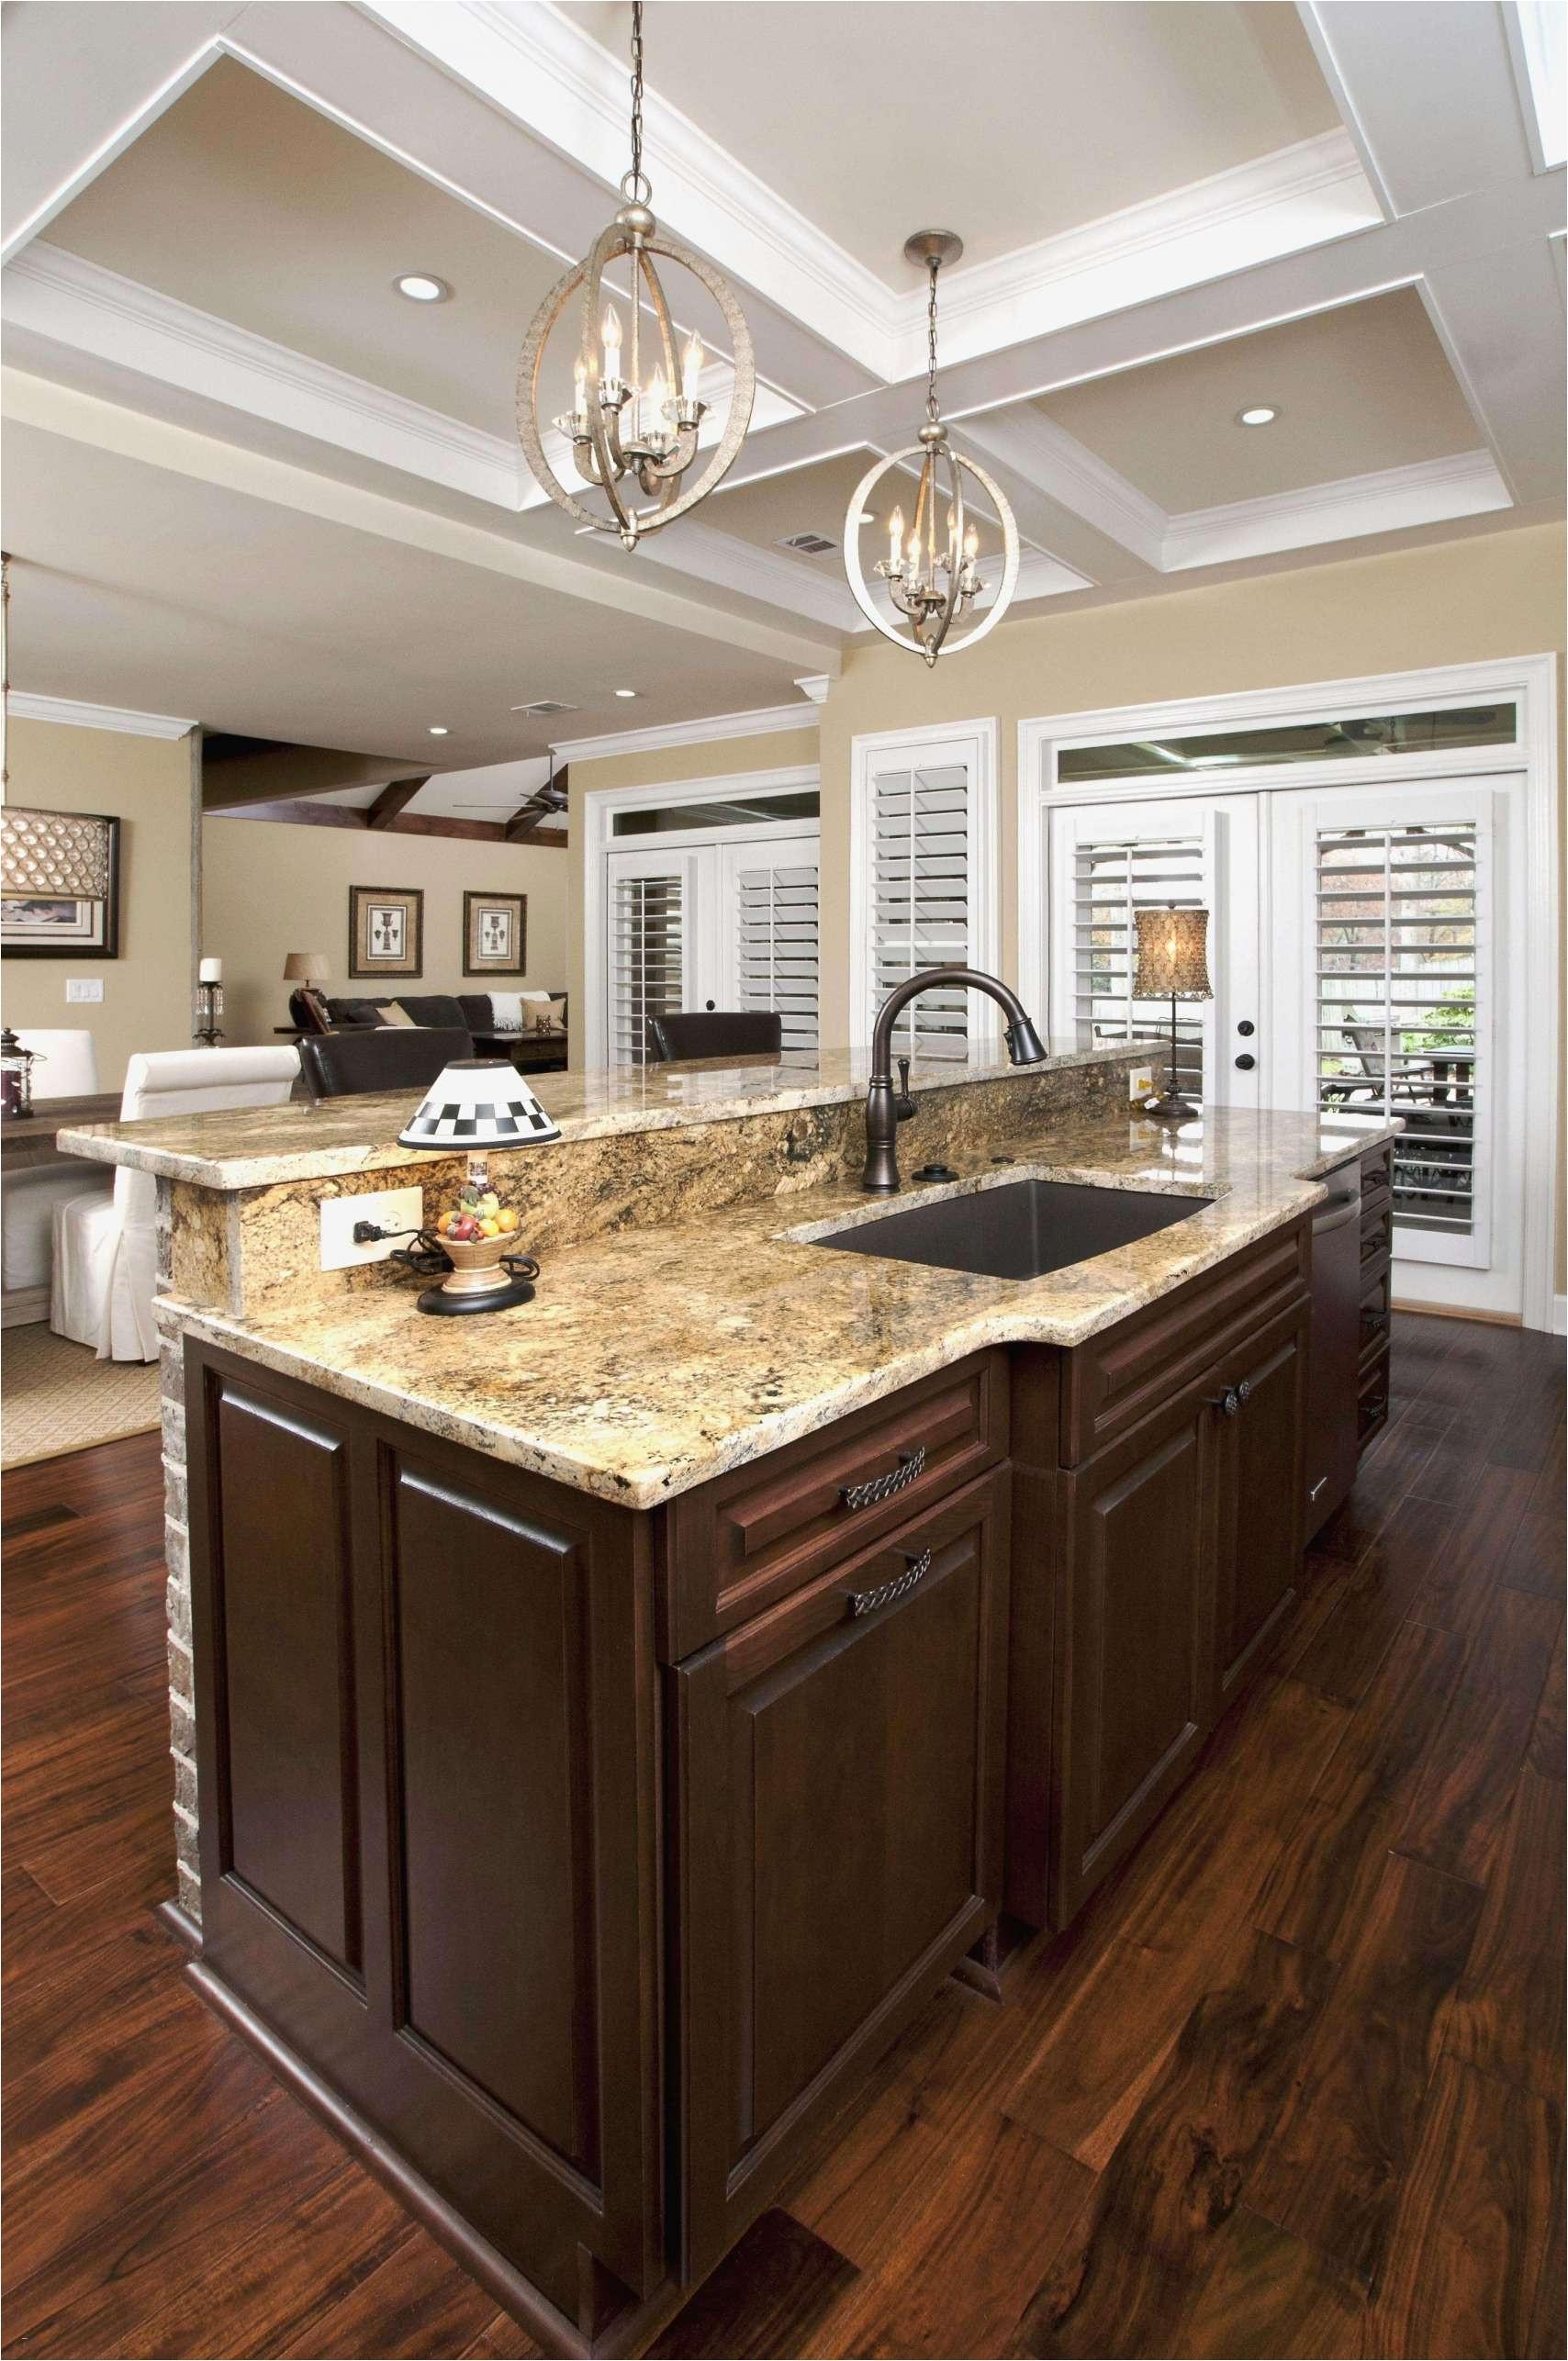 Design A Kitchen Fresh Kitchen Pany Luxury Exquisite Kitchens Ideas Kitchen Design 0d